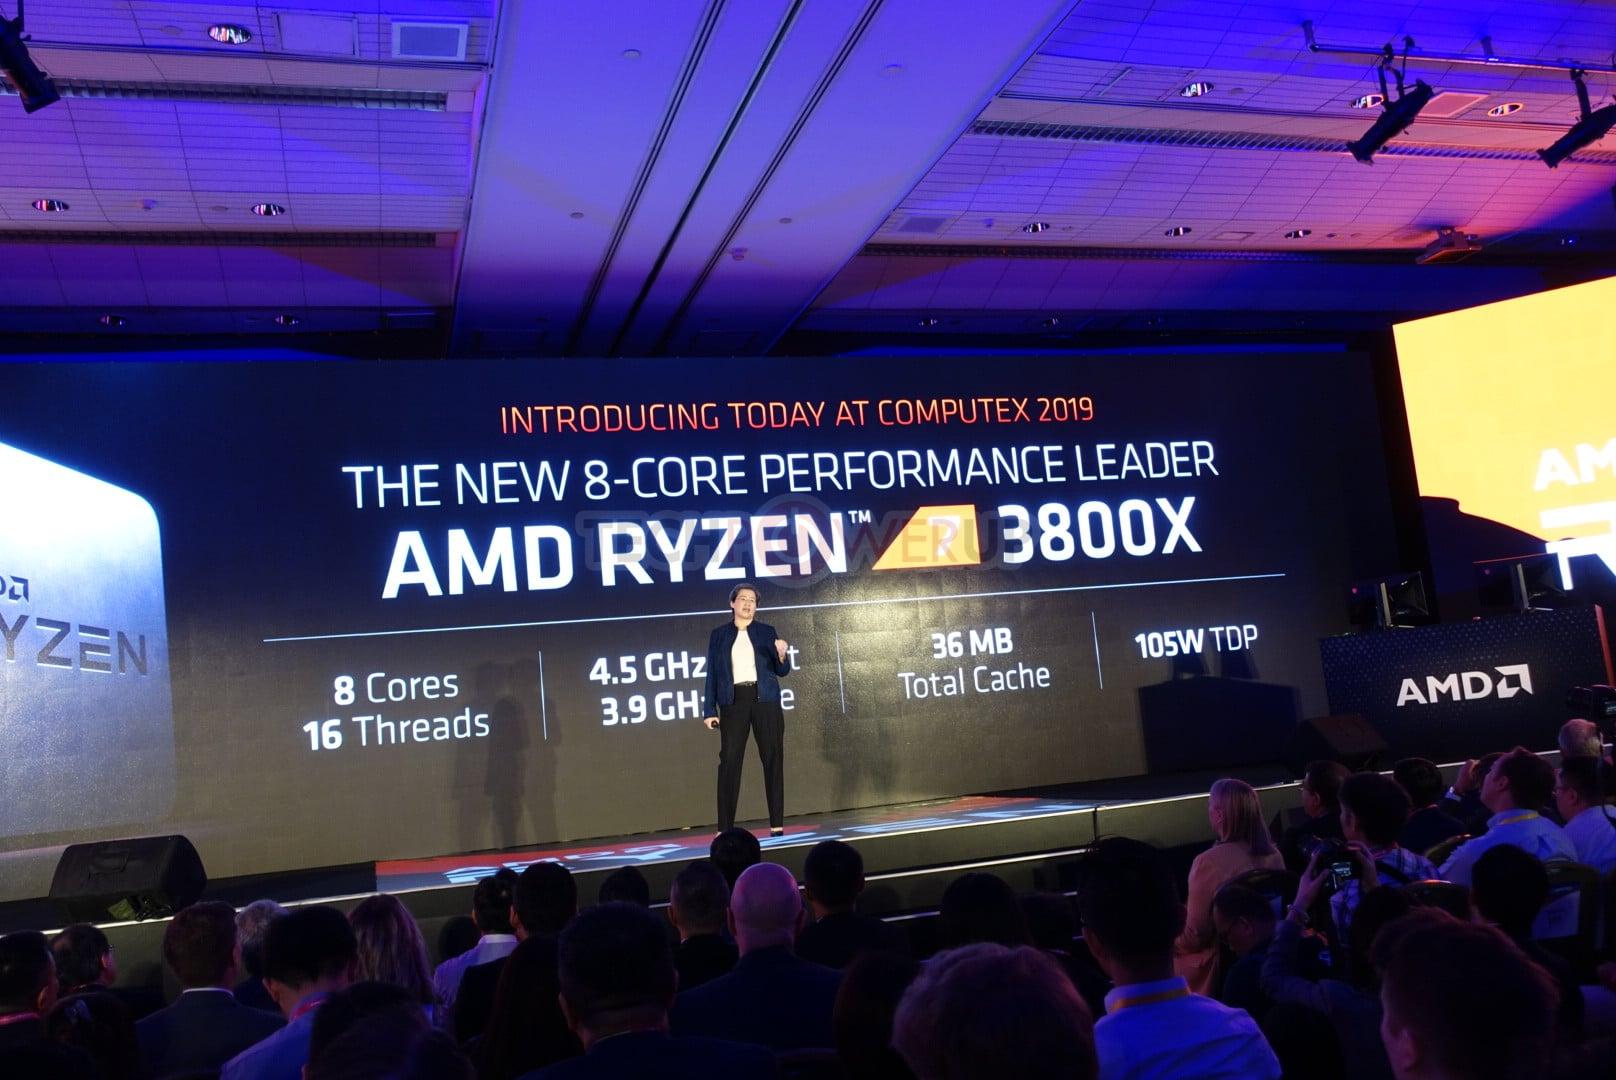 Procersseur AMD Ryzen 7 3800X